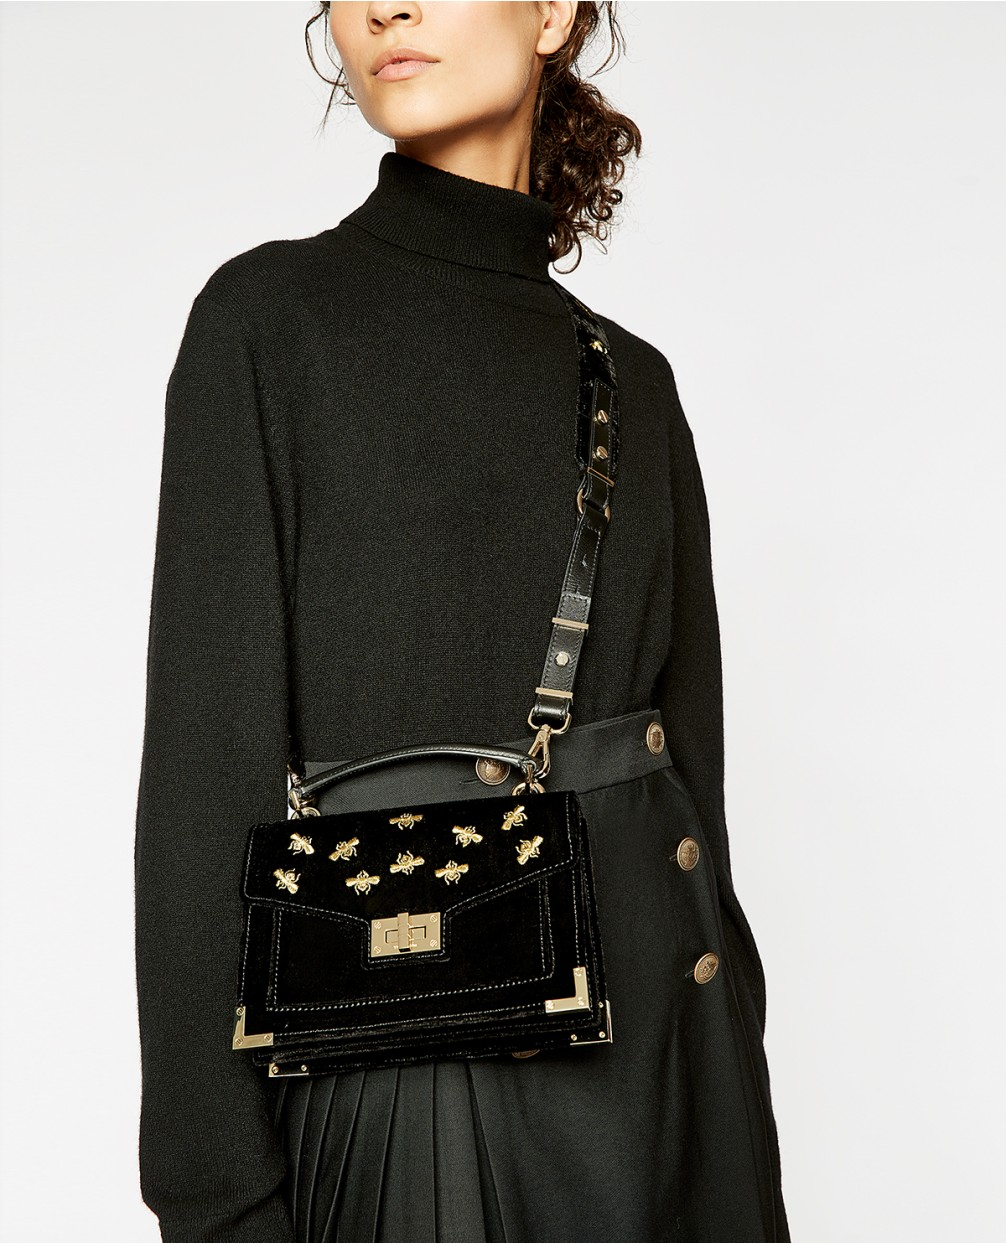 nombreux dans la variété enfant grand choix de 2019 Mini Emily Bag in Embroidered Velvet